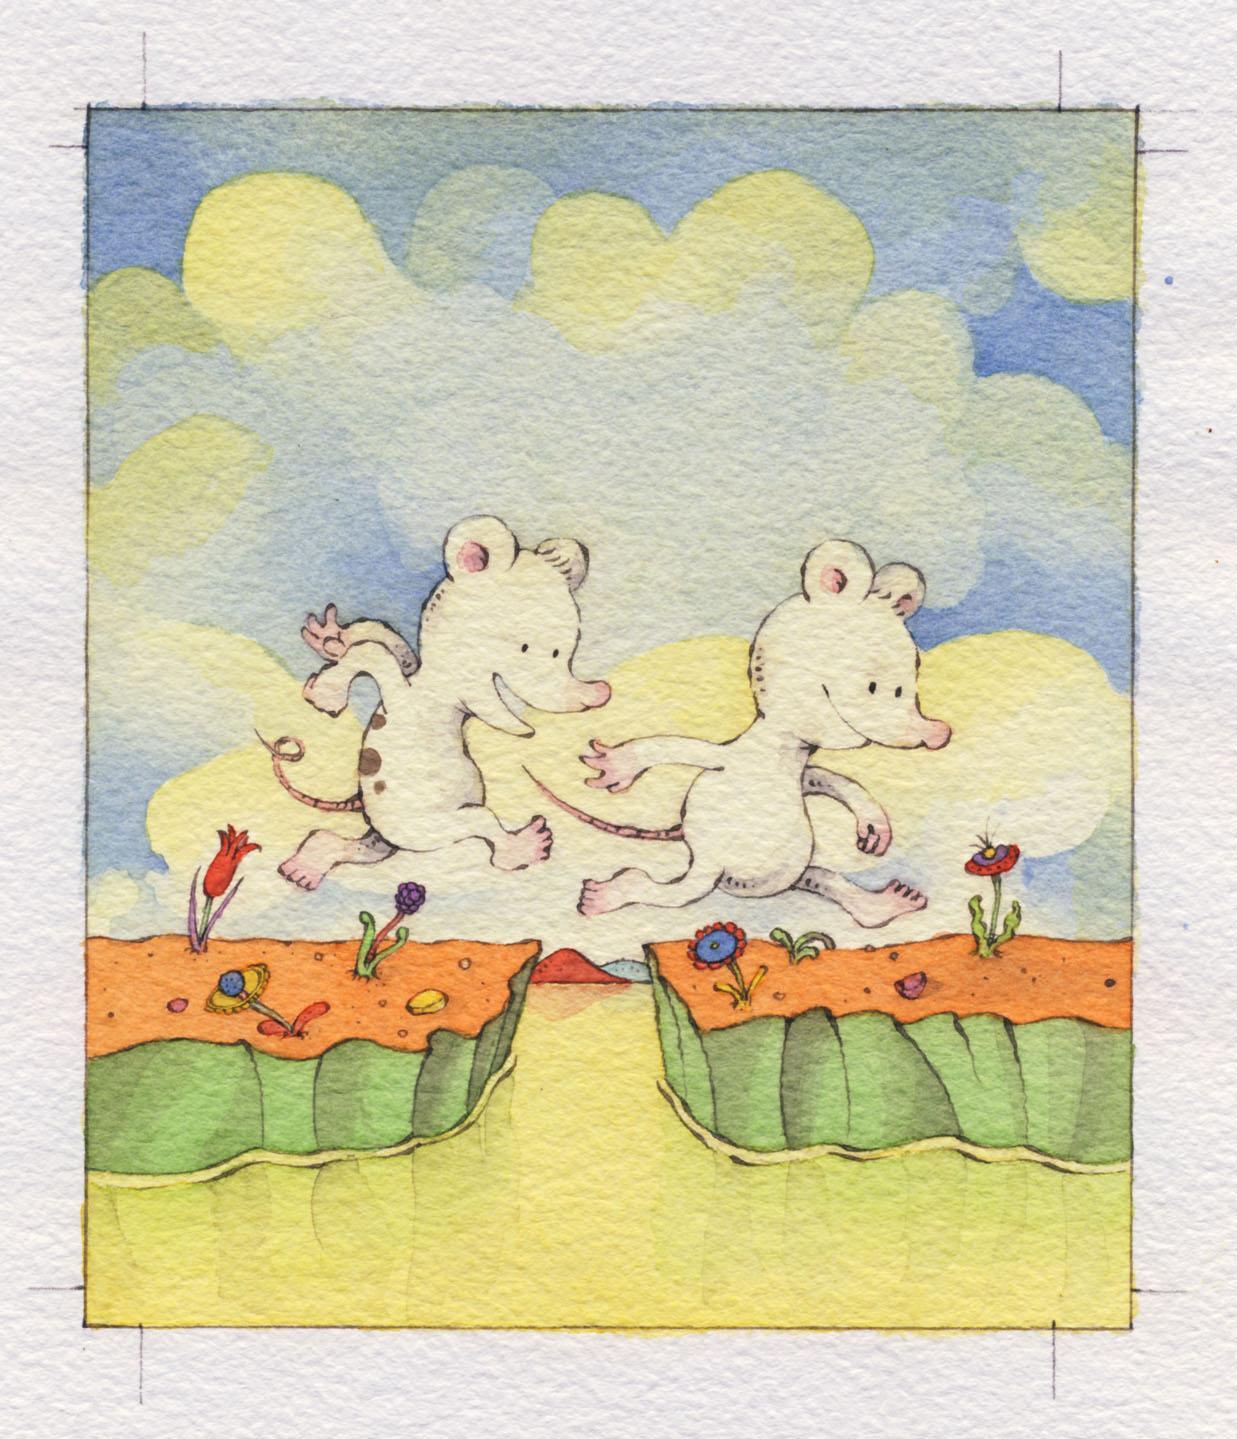 two mice sergio ruzzier 9780544302099 amazon com books